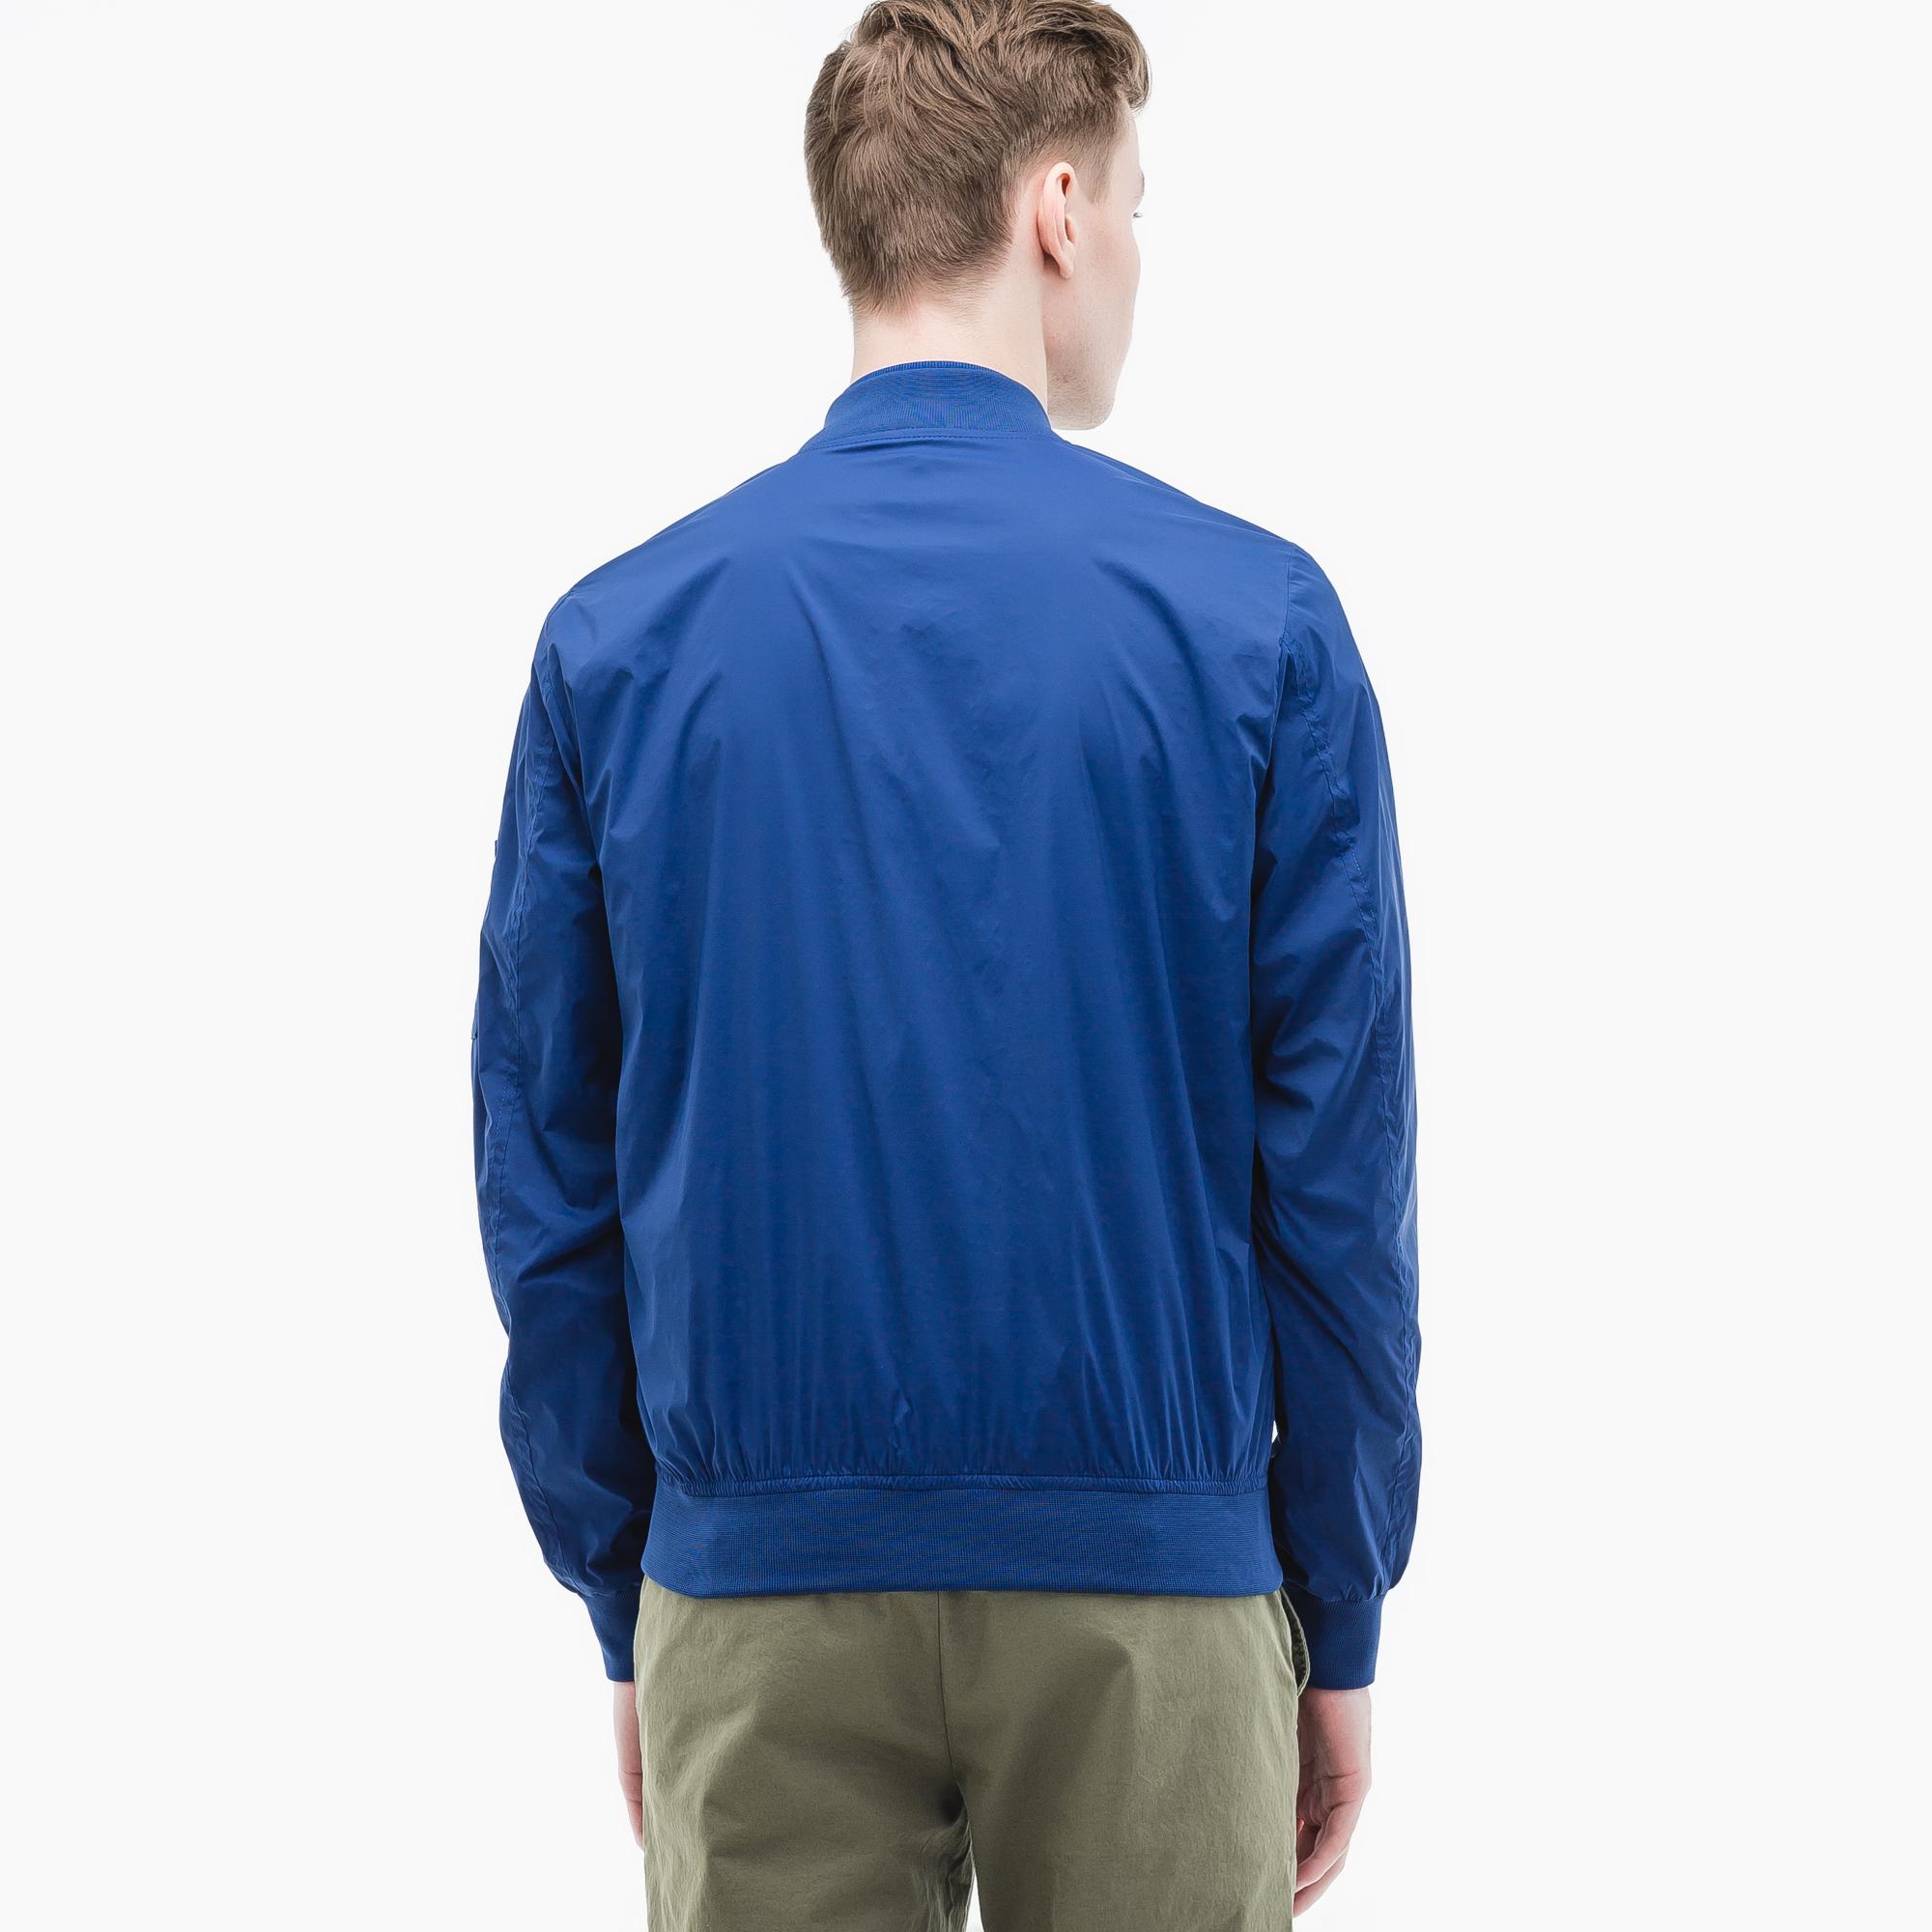 Фото 4 - Куртку Lacoste синего цвета